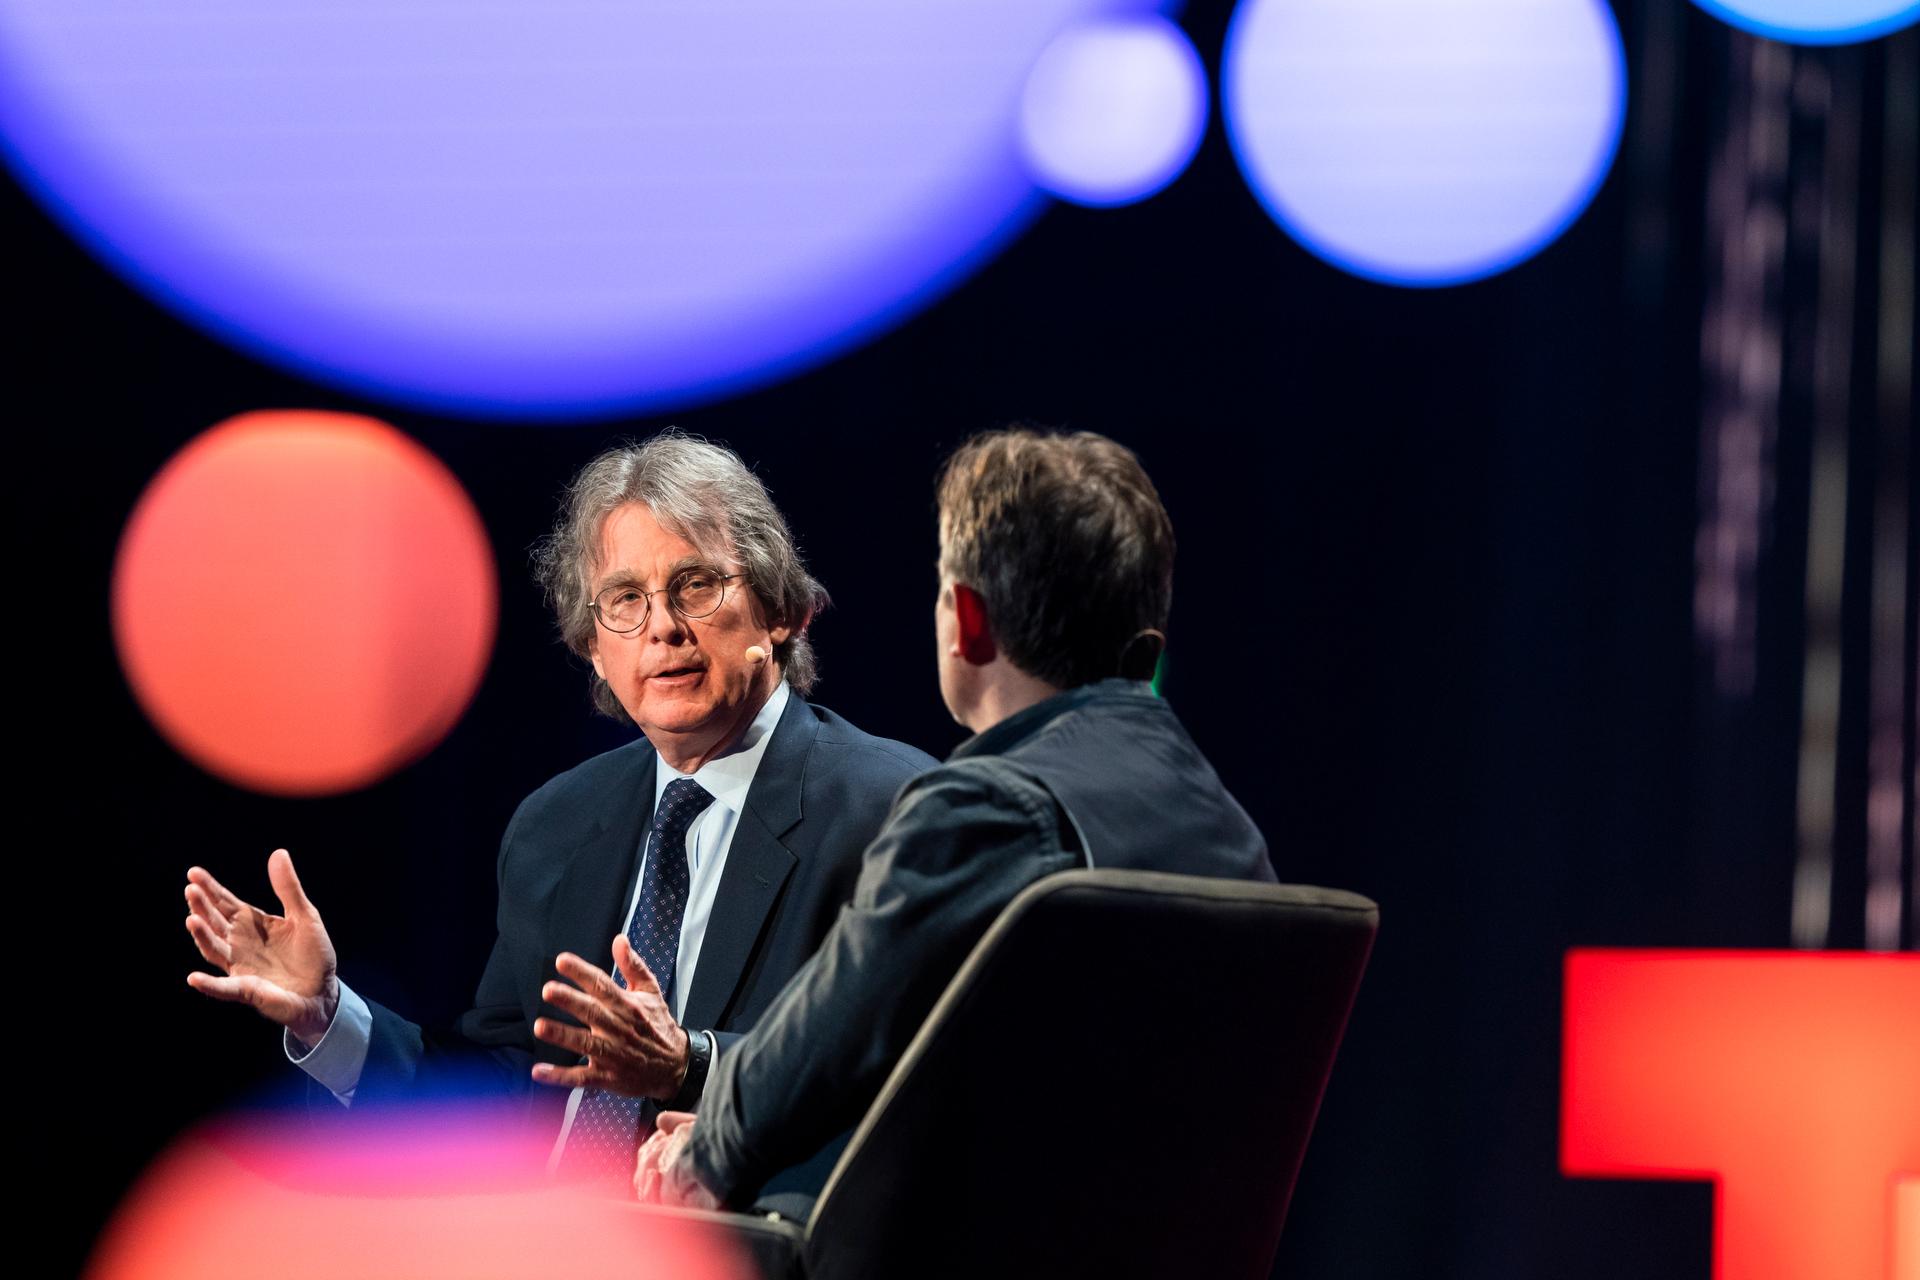 Roger McNamee speaks at TED2019